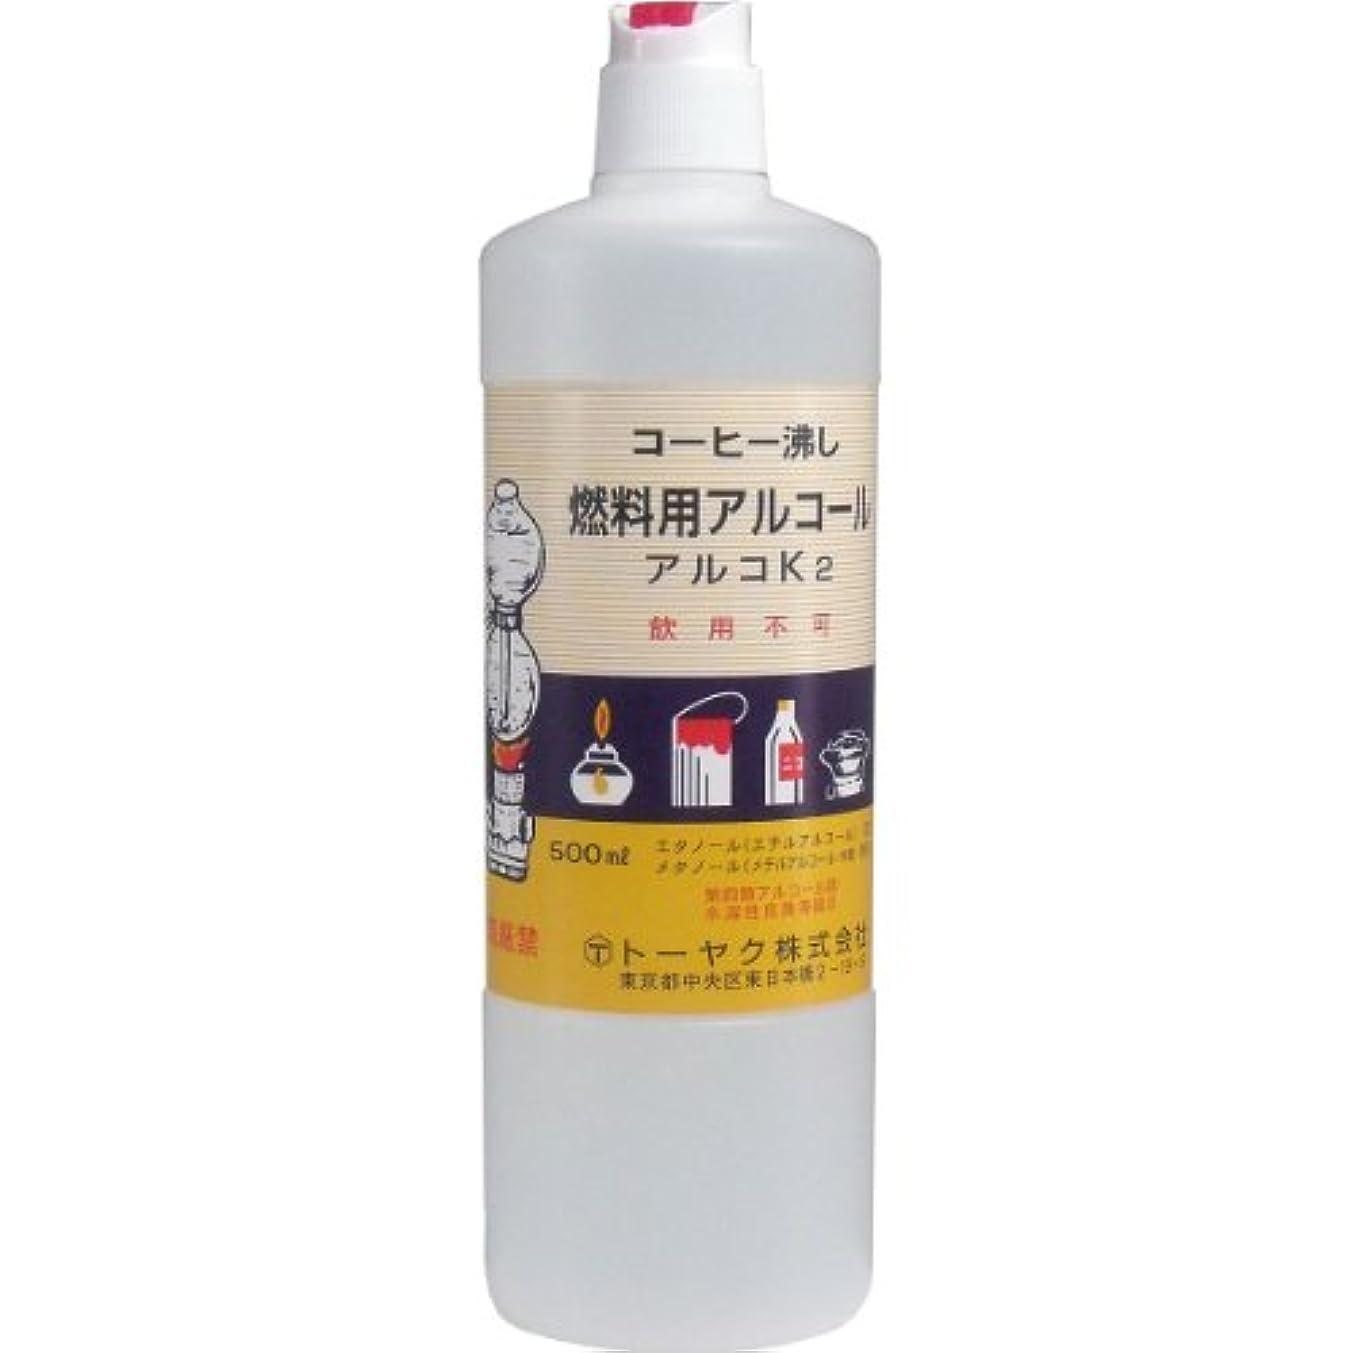 ブロックするサイレン覆す燃料用アルコール アルコK2 ×3個セット